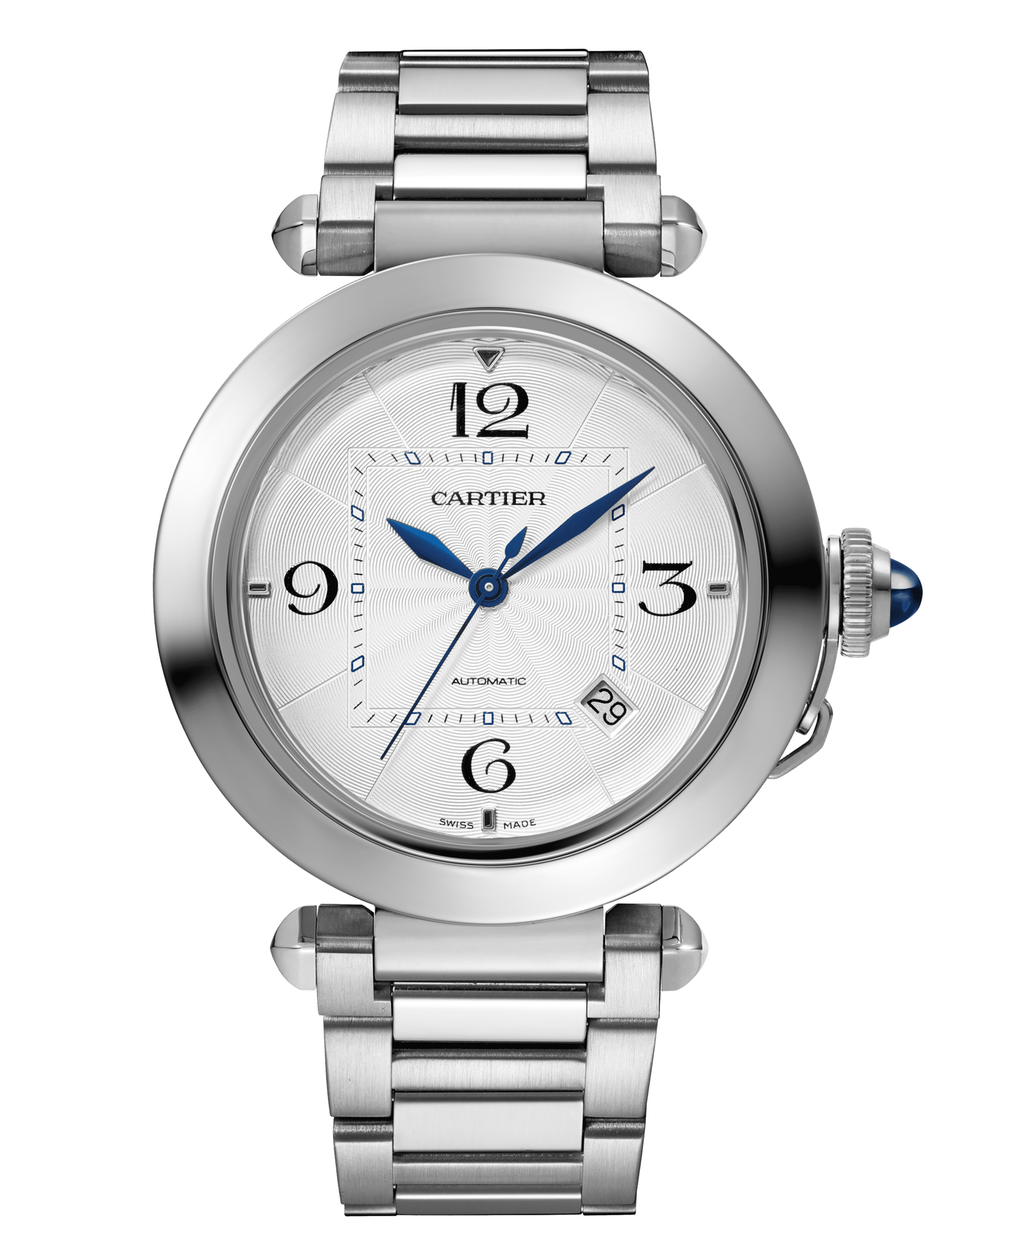 ساعة باشا الجديدة